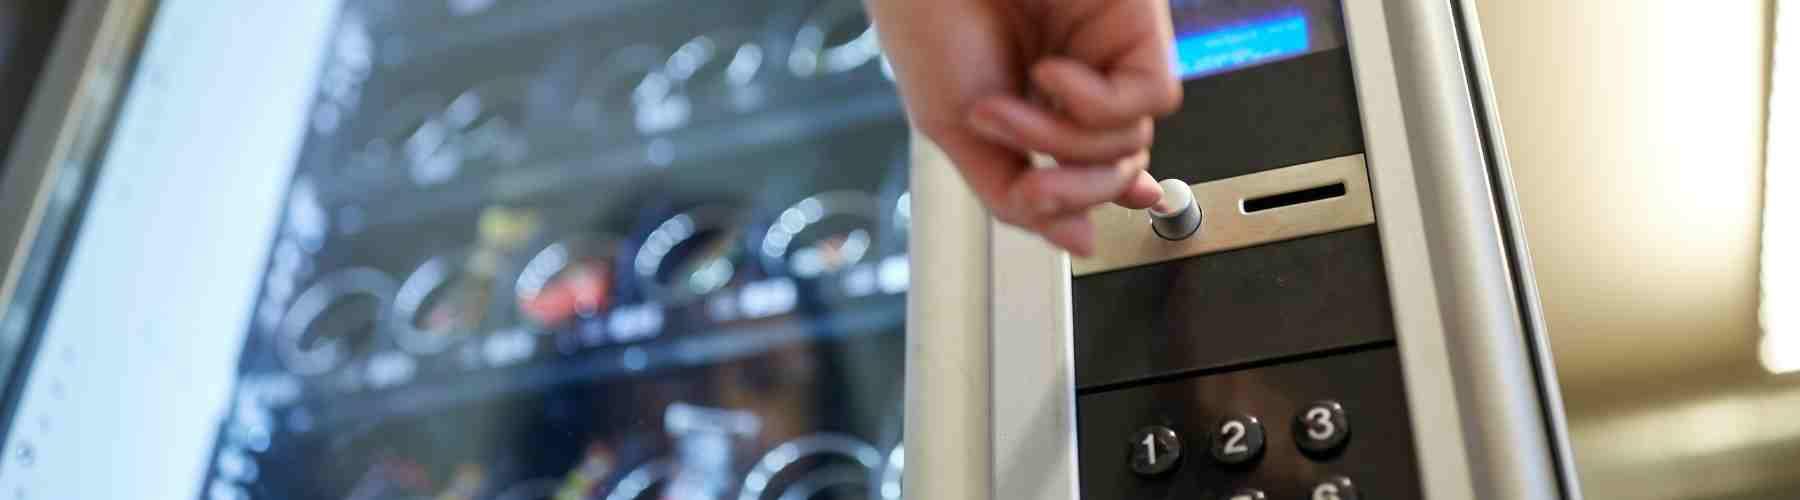 Passive Income College Students - Vending Machine